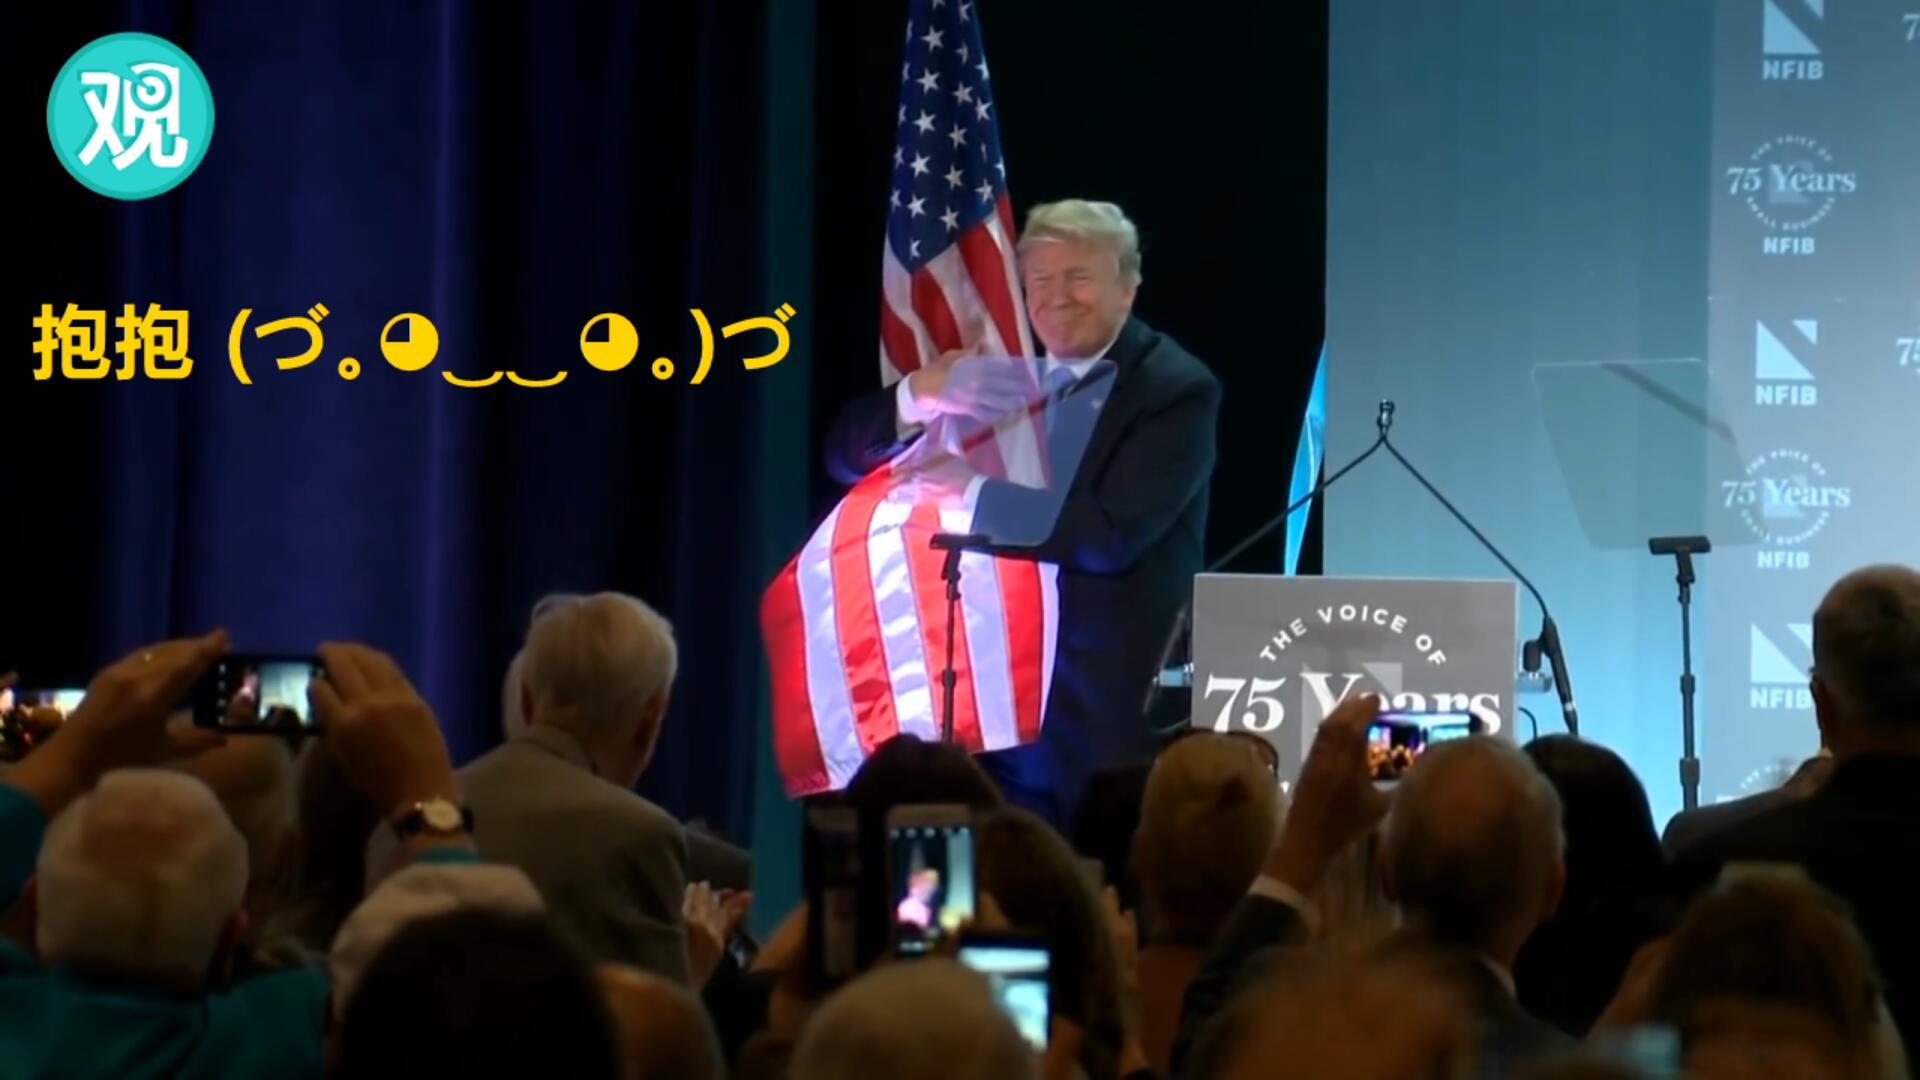 特朗普又抱上星条旗 表情一脸宠溺杏彩娱乐平台